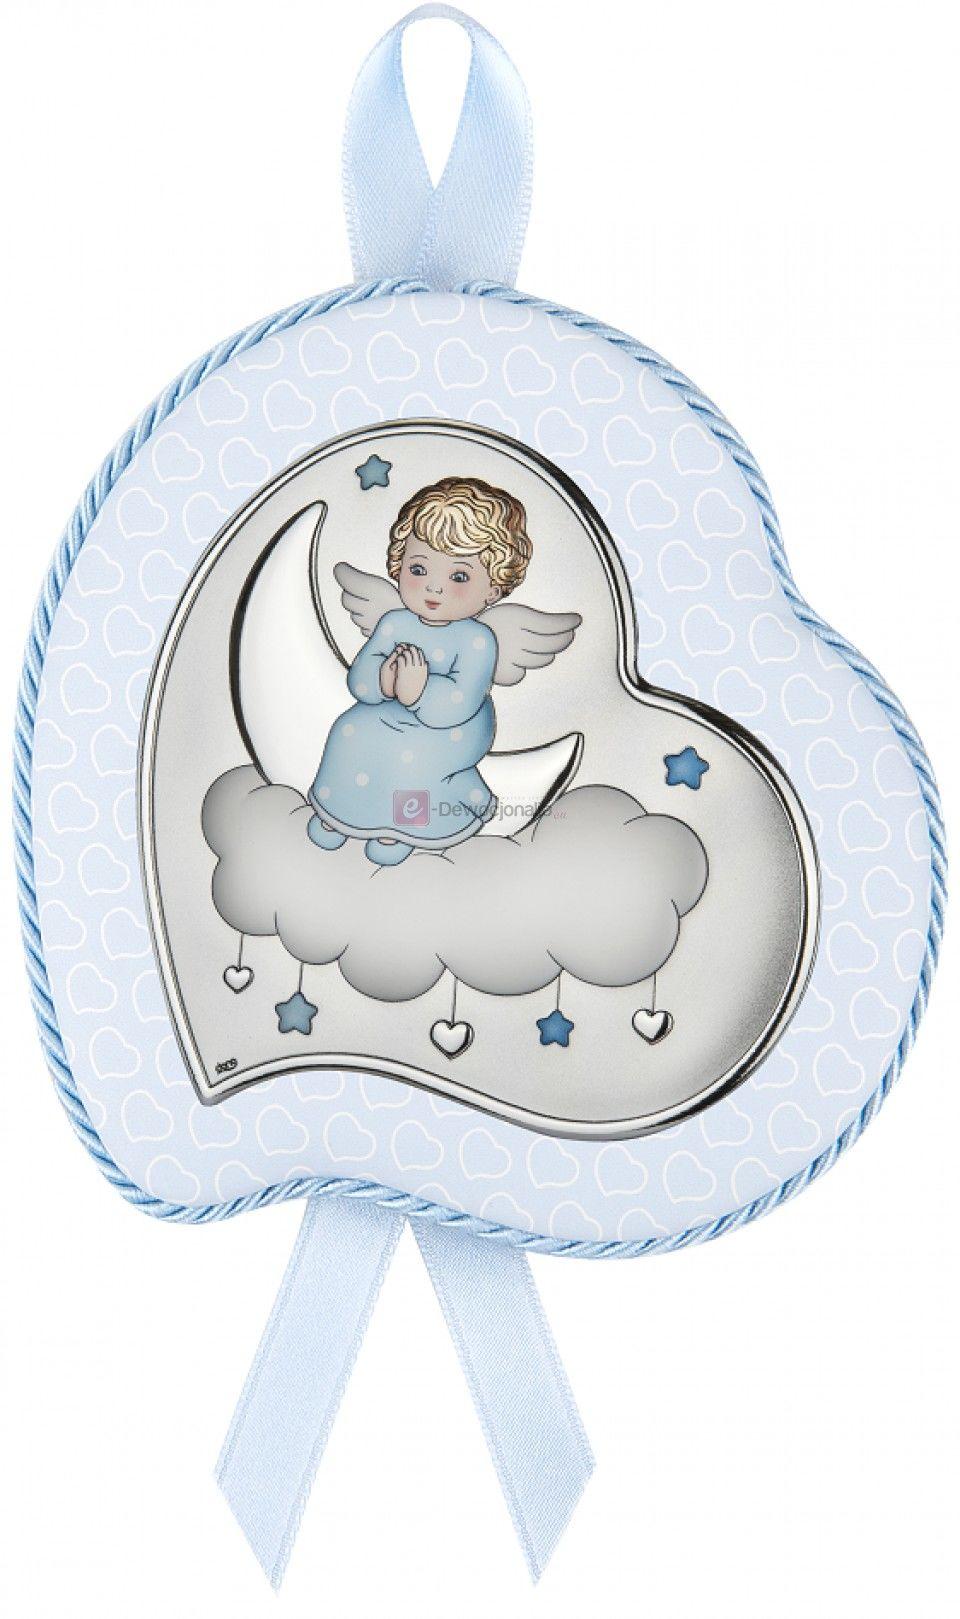 Obrazek srebrny - Medalion grający - Aniołek na chmurce 10x12